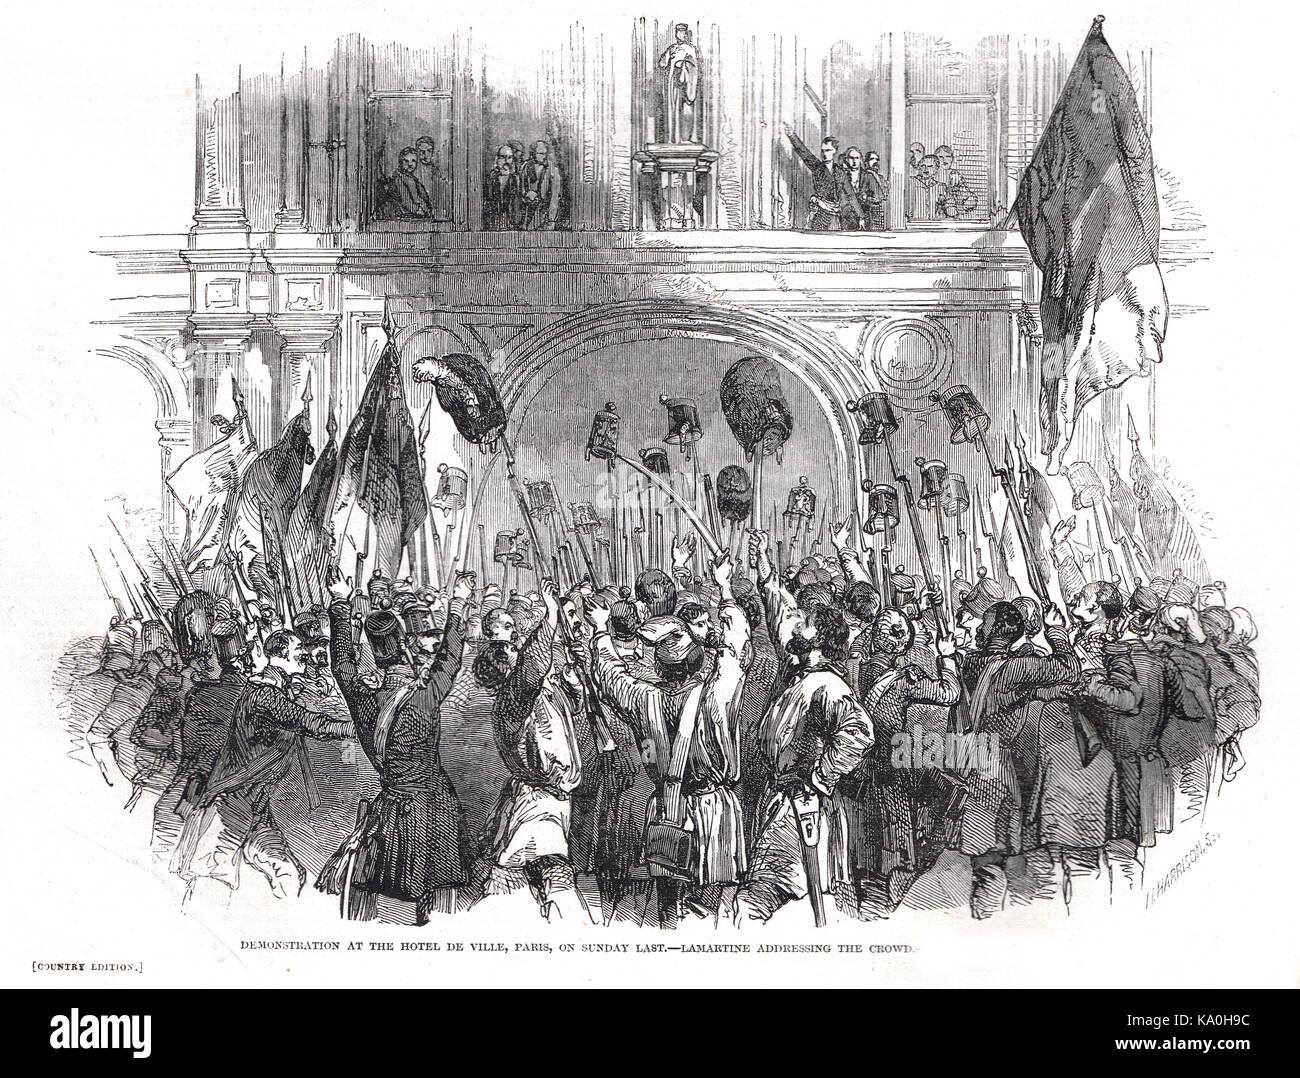 Lamartine Adressierung der Masse, Demonstration im Hôtel de Ville, Paris, Frankreich, die französische Stockbild